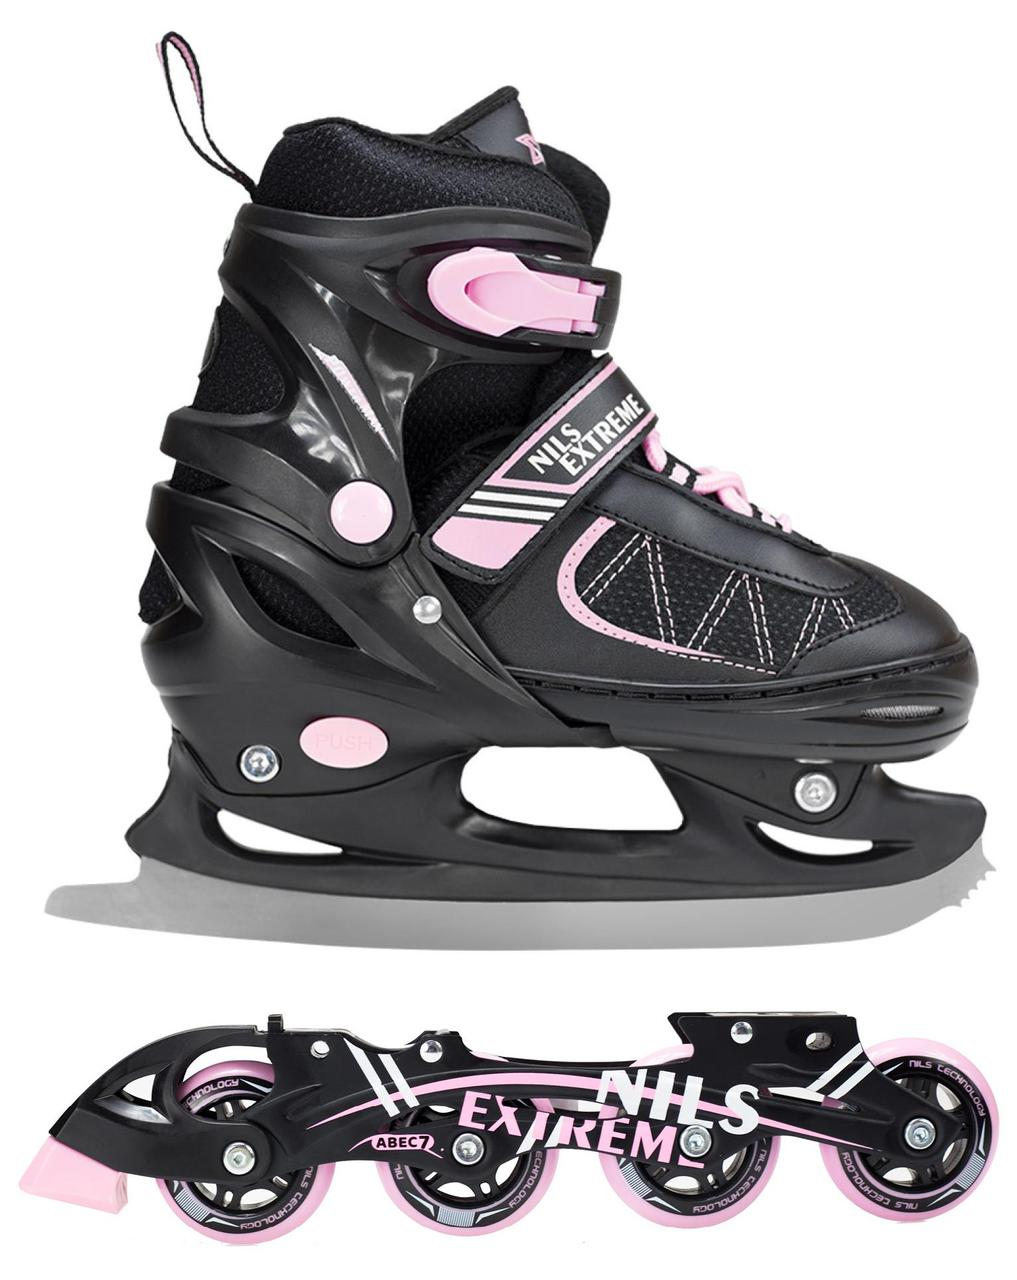 Роликовые коньки Nils Extreme NF7103A 2 в 1 Size 30-33 Black/Pink